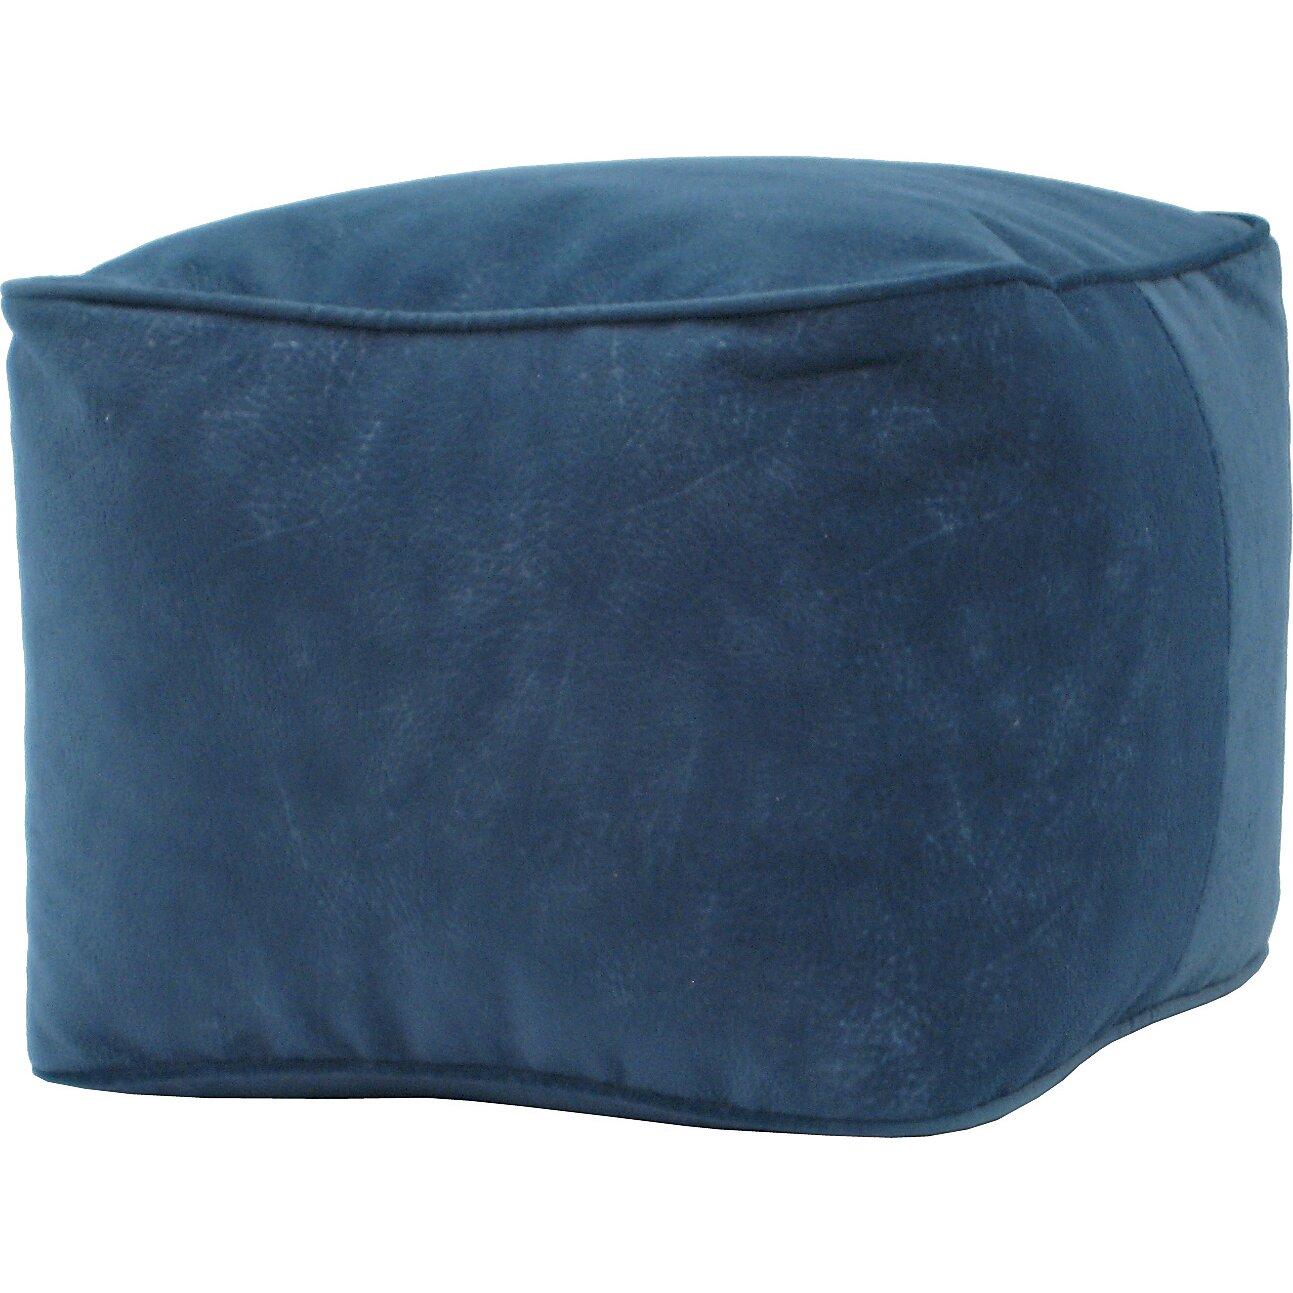 Gold Medal Bean Bags Bean Bag Chair Amp Reviews Wayfair